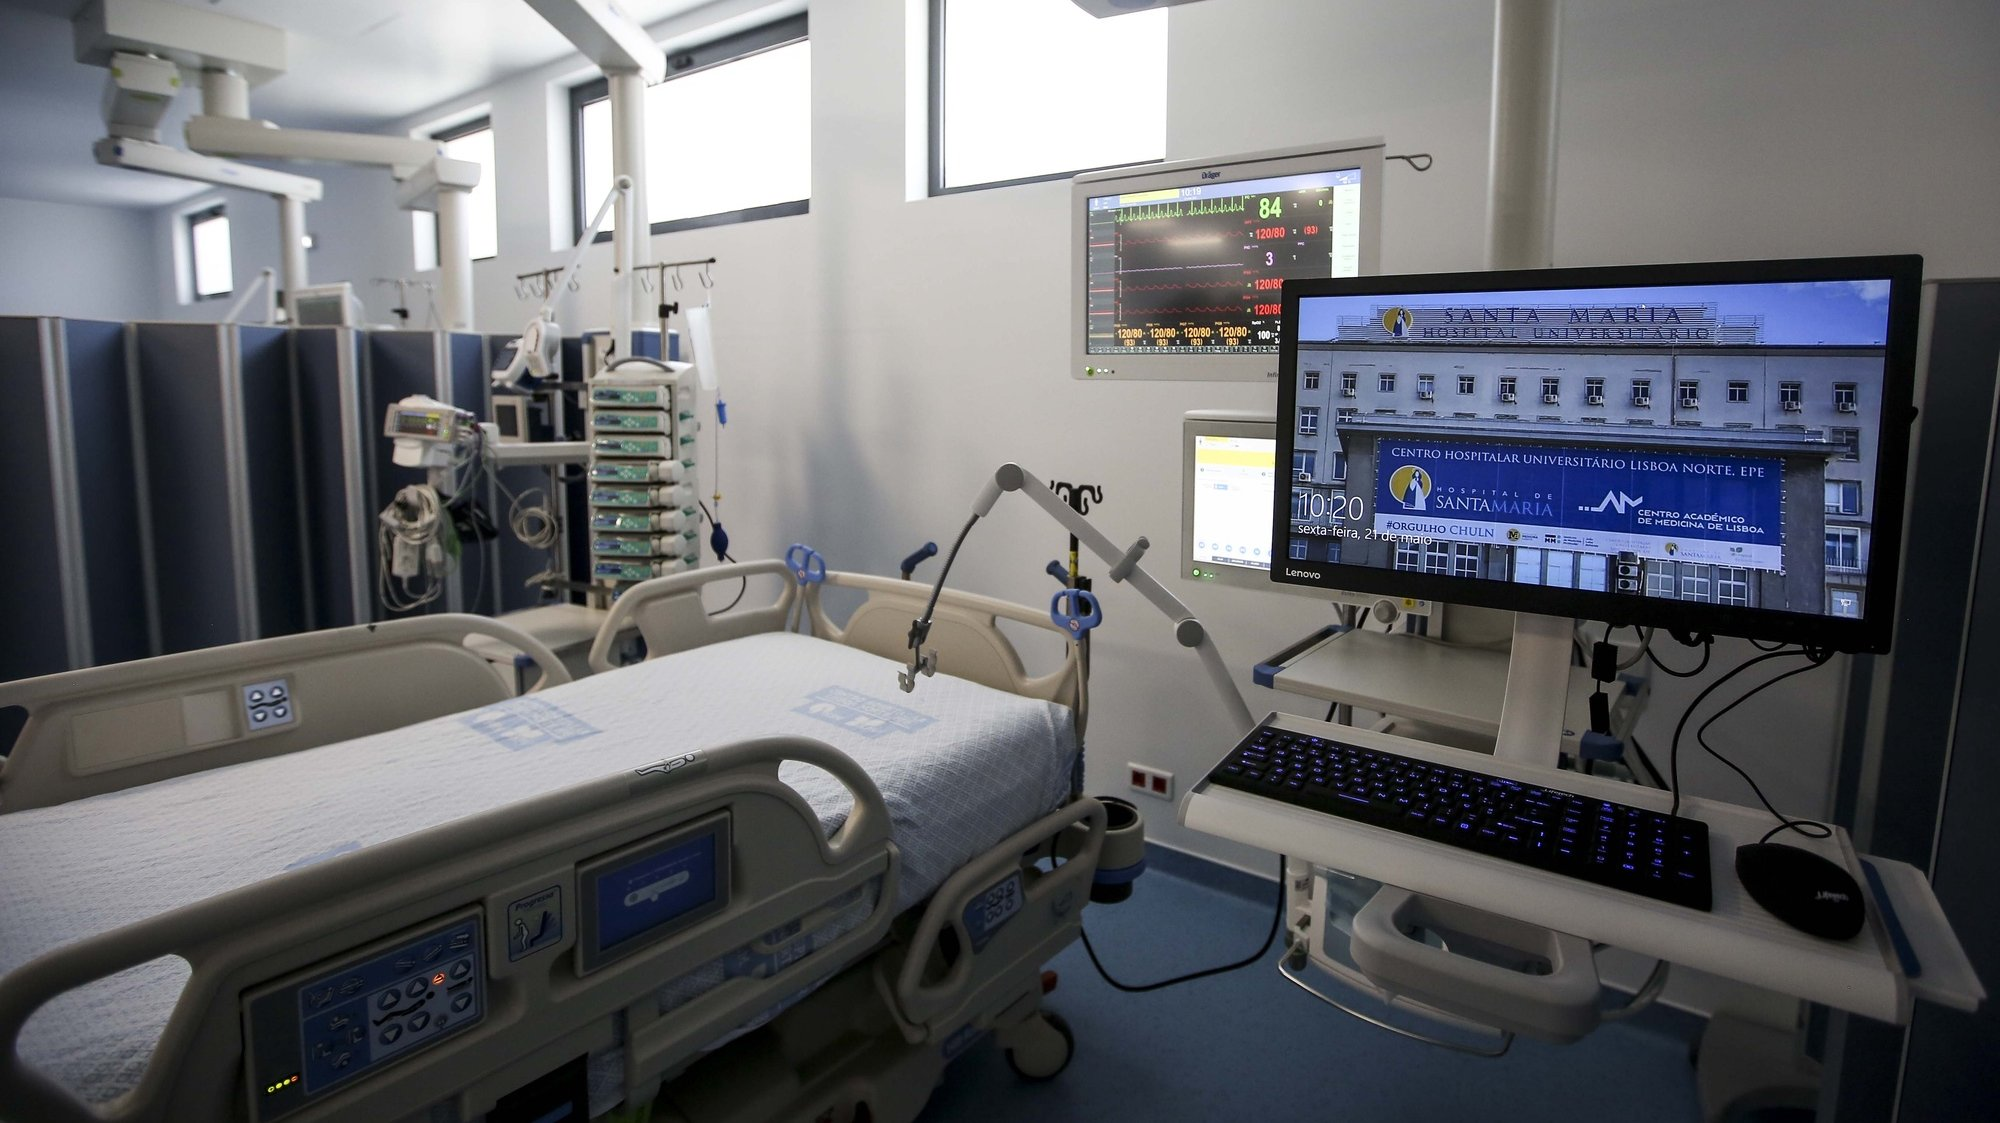 A ministra da Saúde, Marta Temido (ausente da imagem) inaugura a nova Unidade de Cuidados Intensivos Polivalente do Hospital de Santa Maria  no Centro Hospitalar Universitário Lisboa, que passa a ser a maior UCI do país, com 25 camas. 21 de maio de 2021. NUNO FOX/LUSA